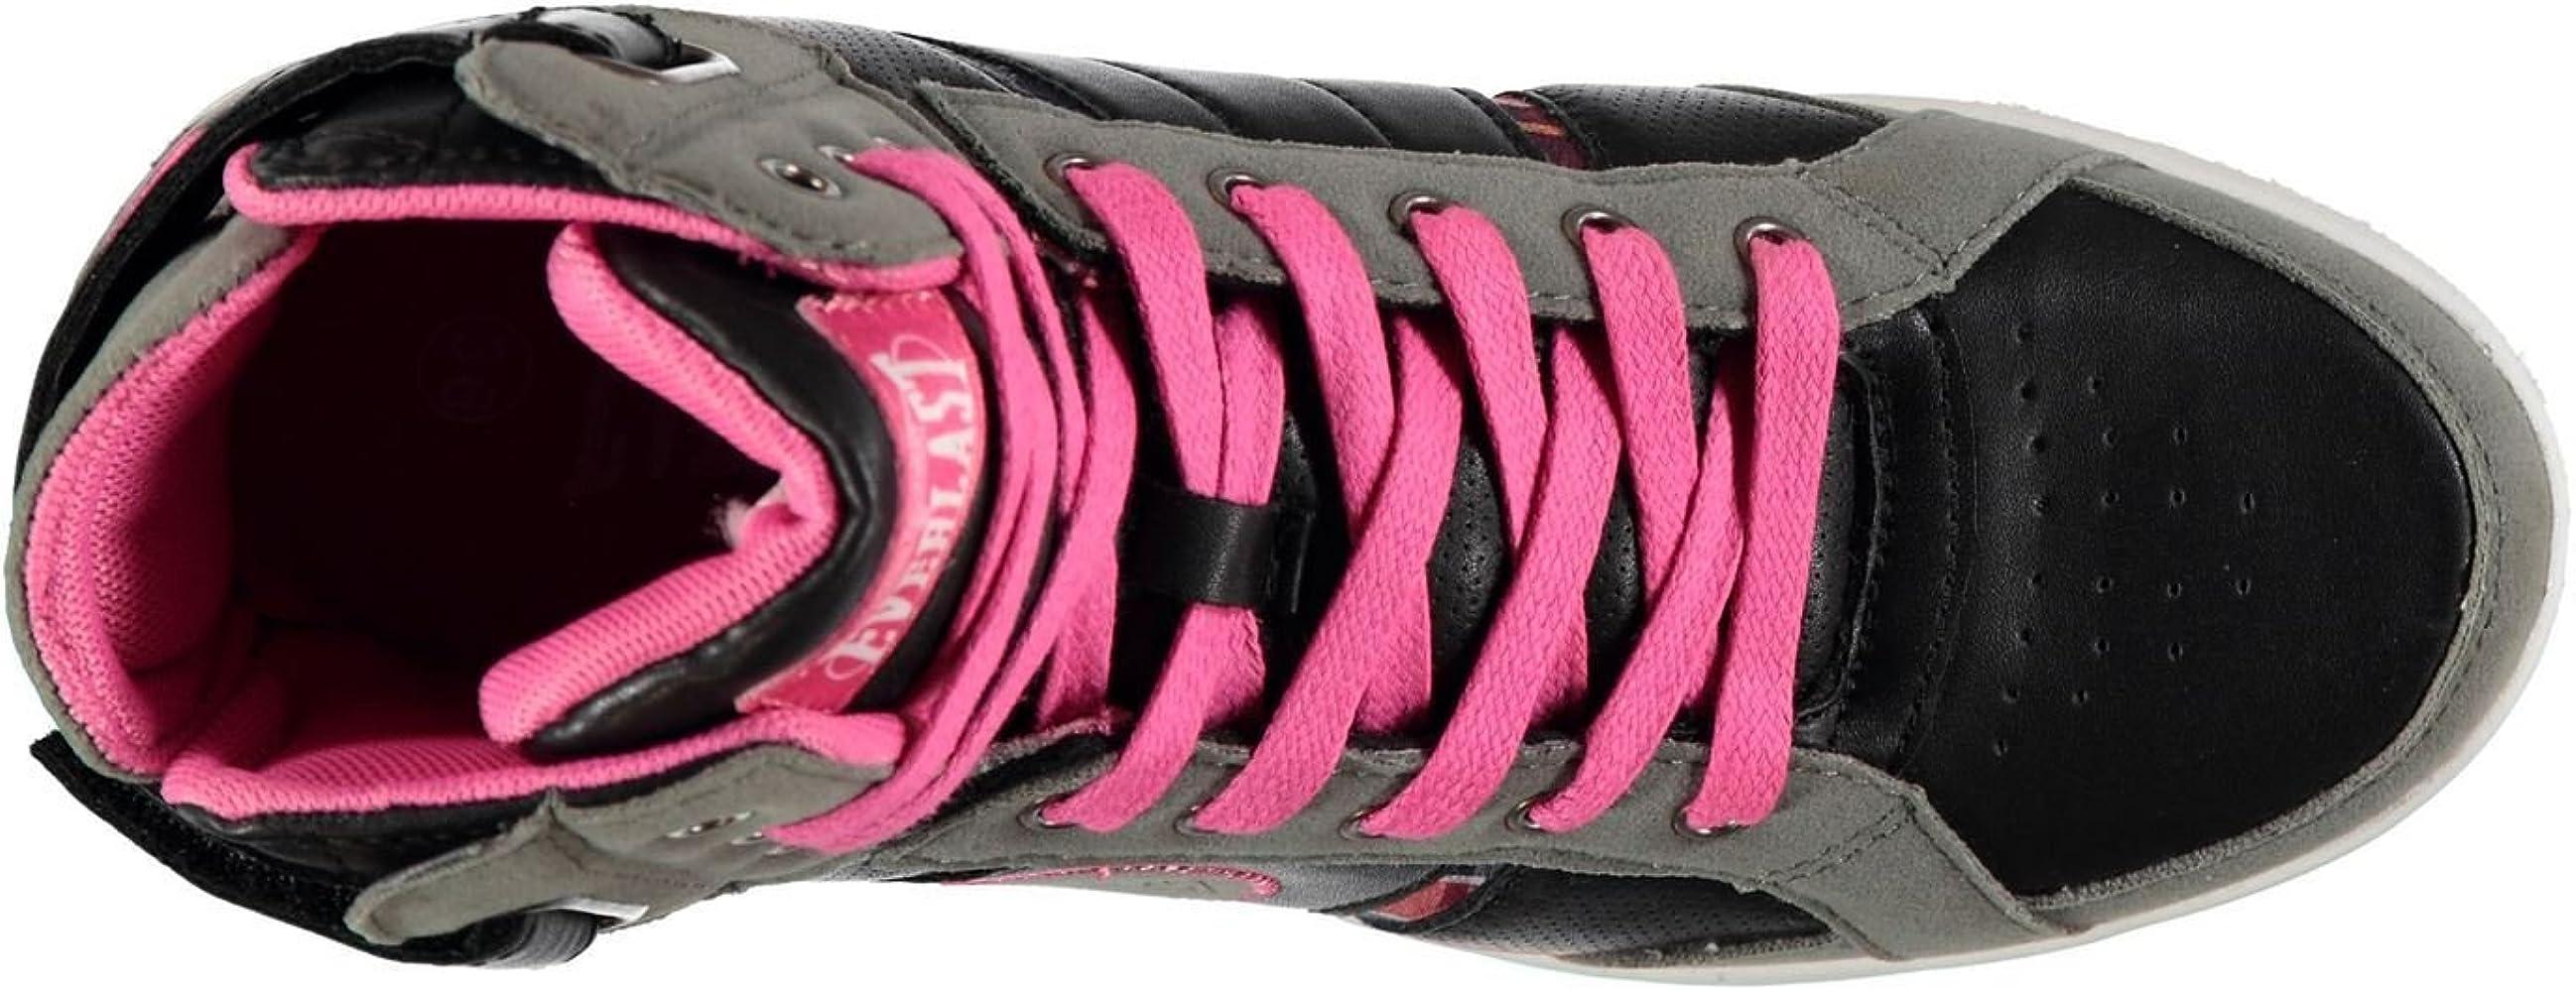 Everlast - Zapatillas para Mujer Black Fushia: Amazon.es: Zapatos y complementos